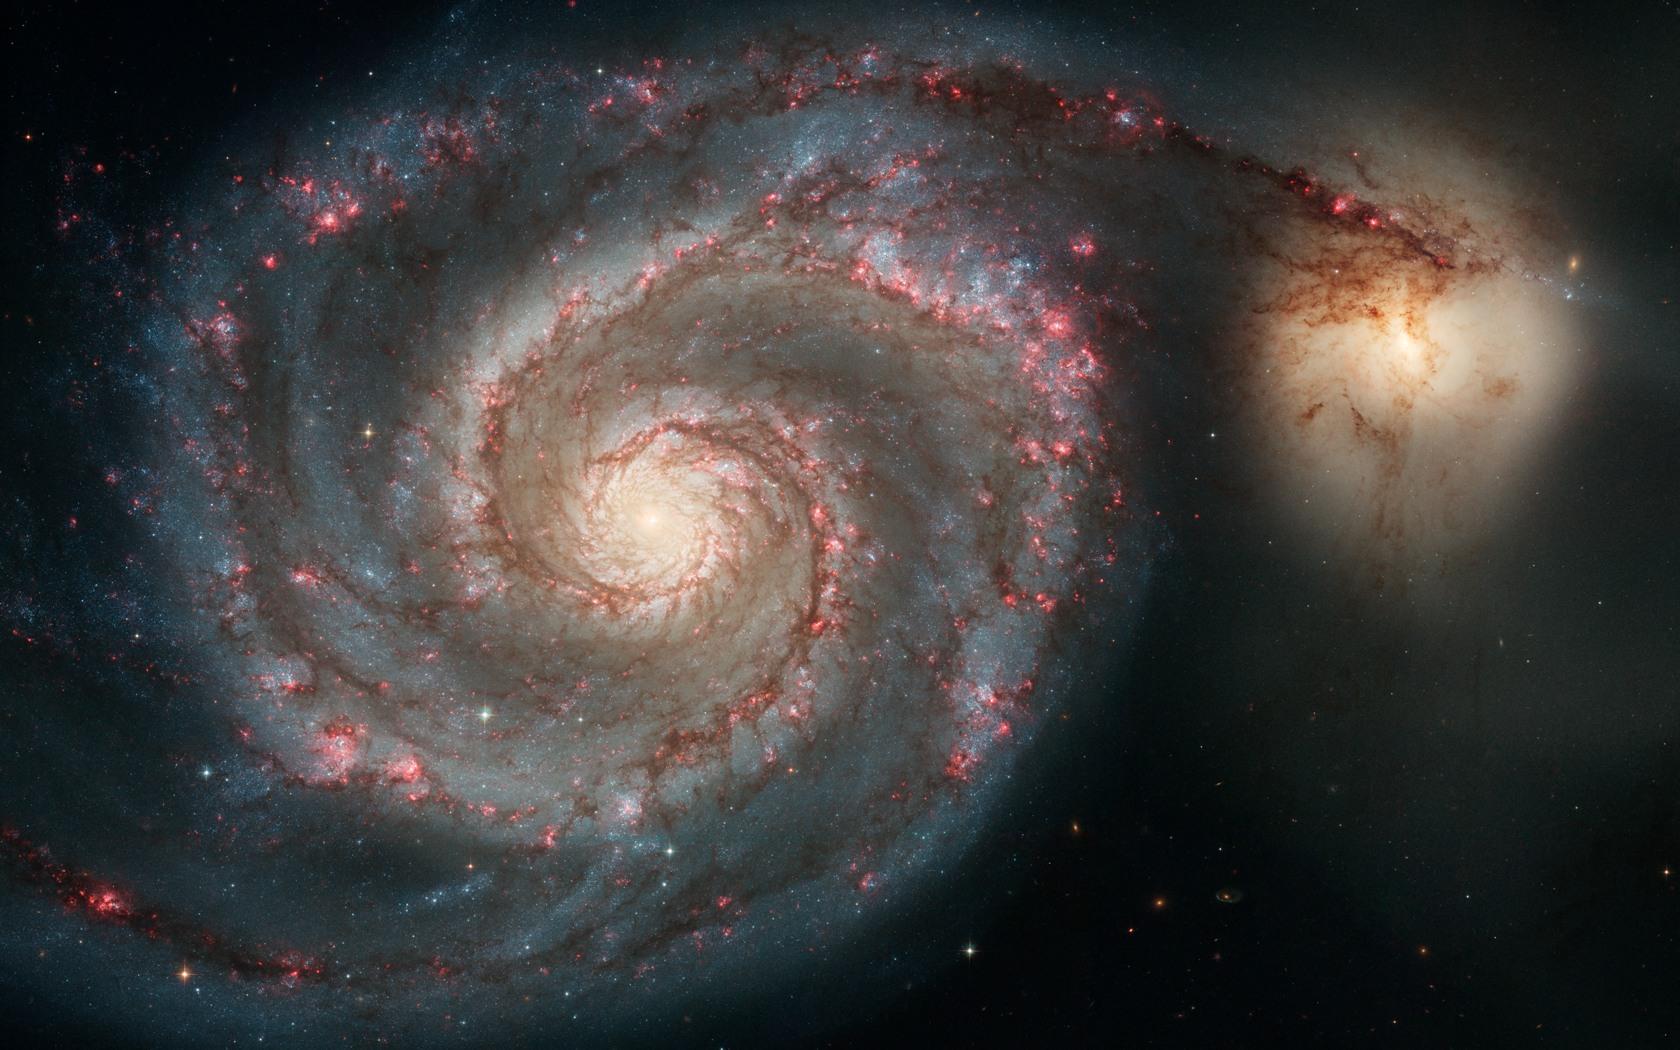 「フリー画像 宇宙」の画像検索結果